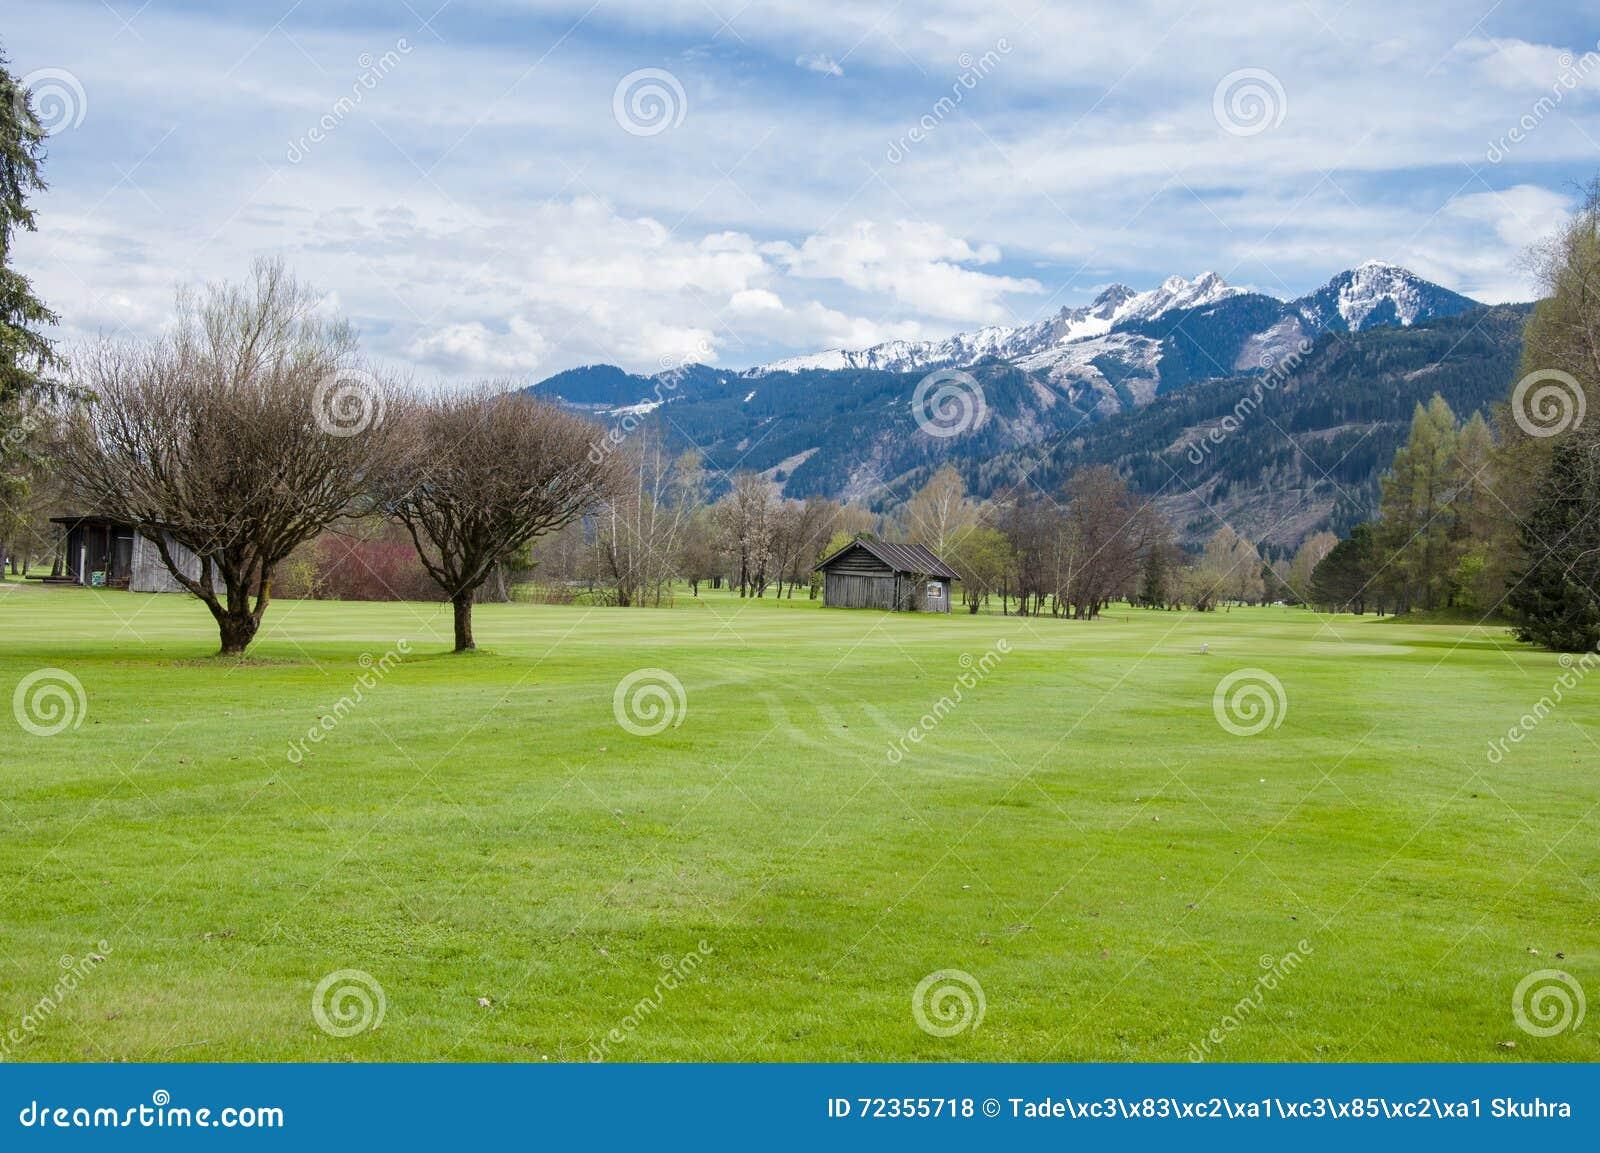 山的高尔夫球场